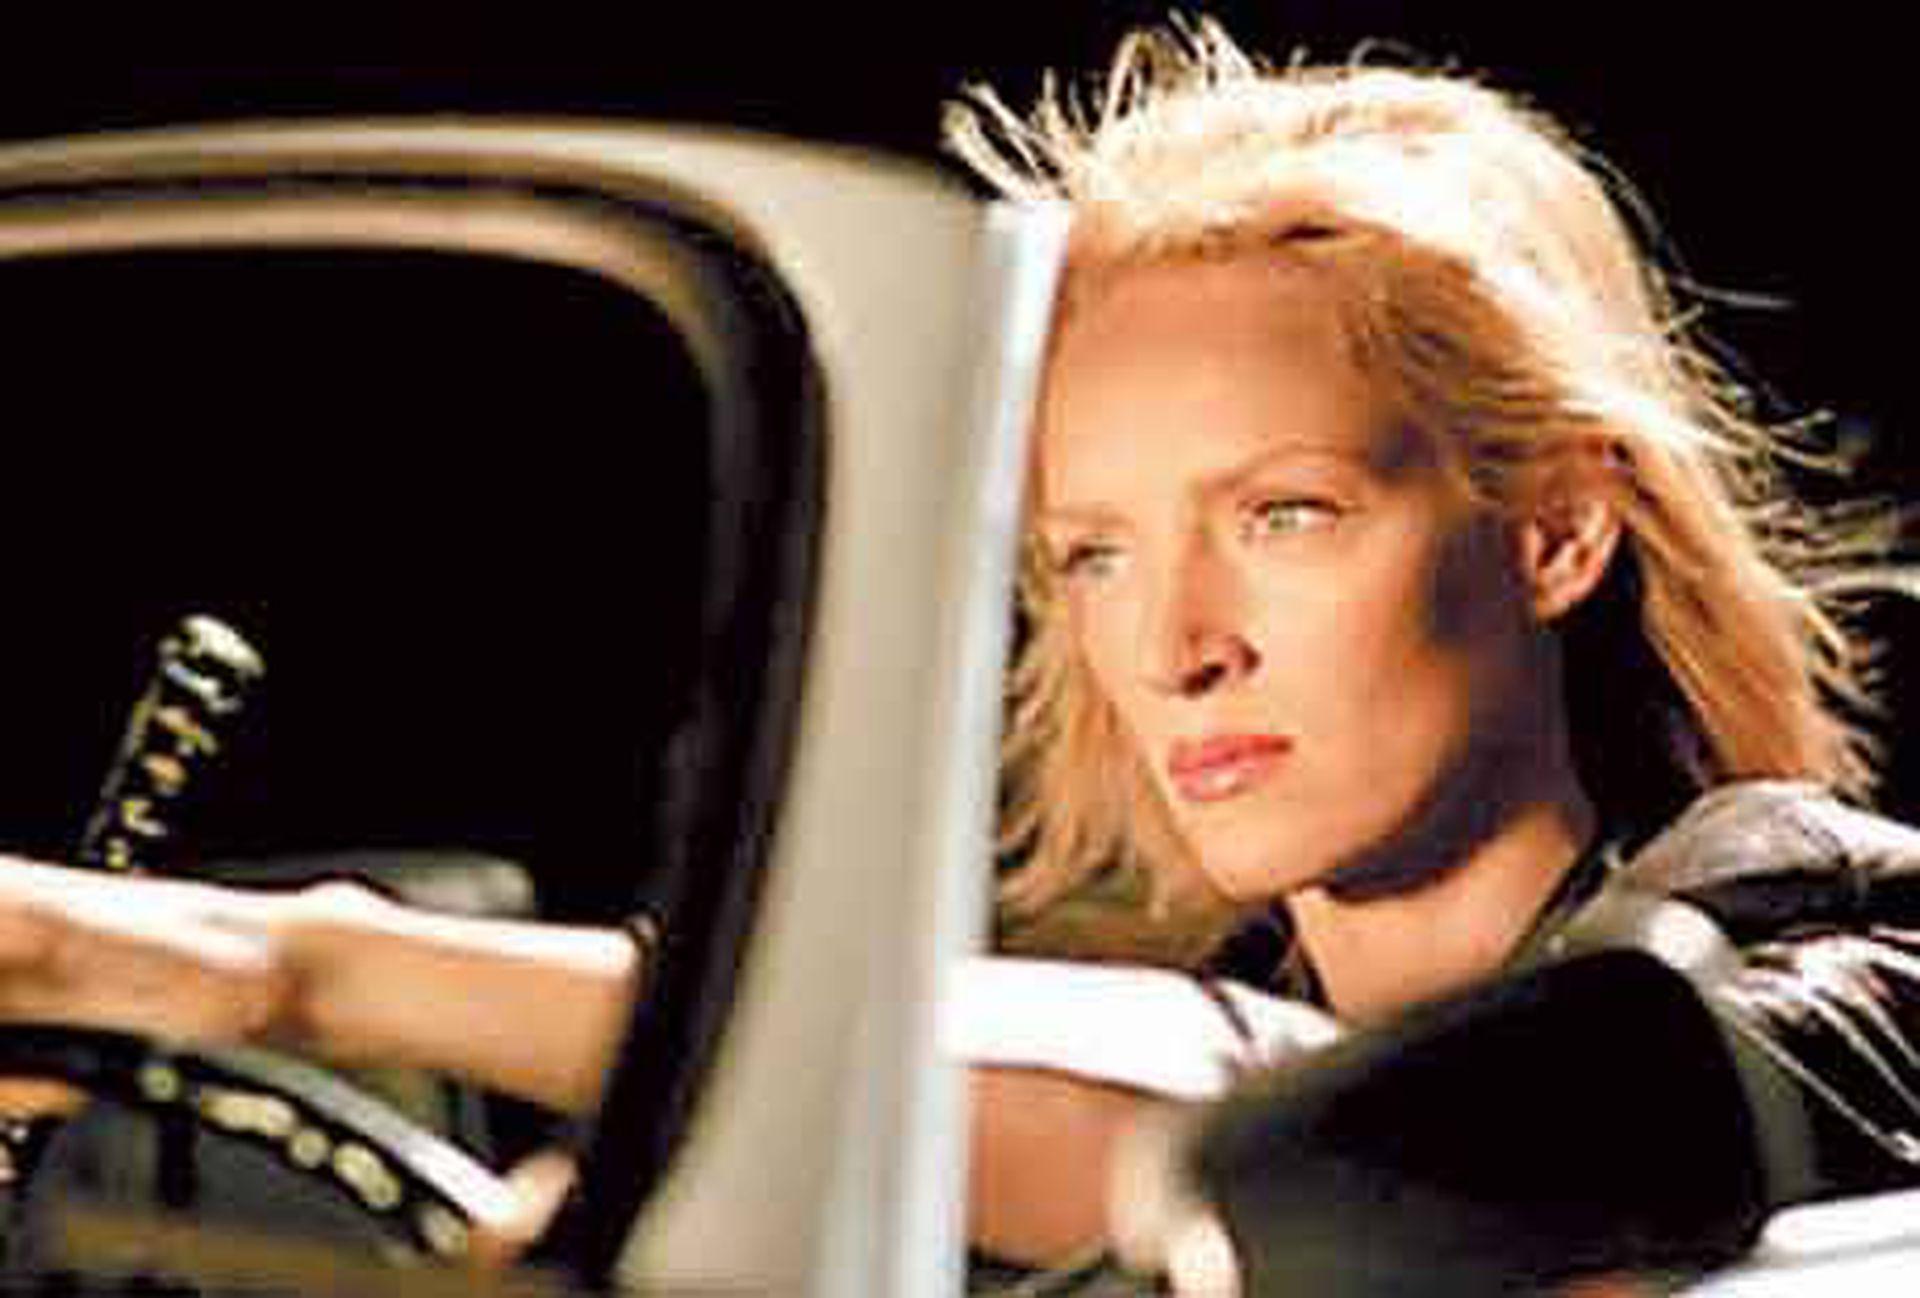 Uma Thurman al volante en una escena que terminó en un grave accidente